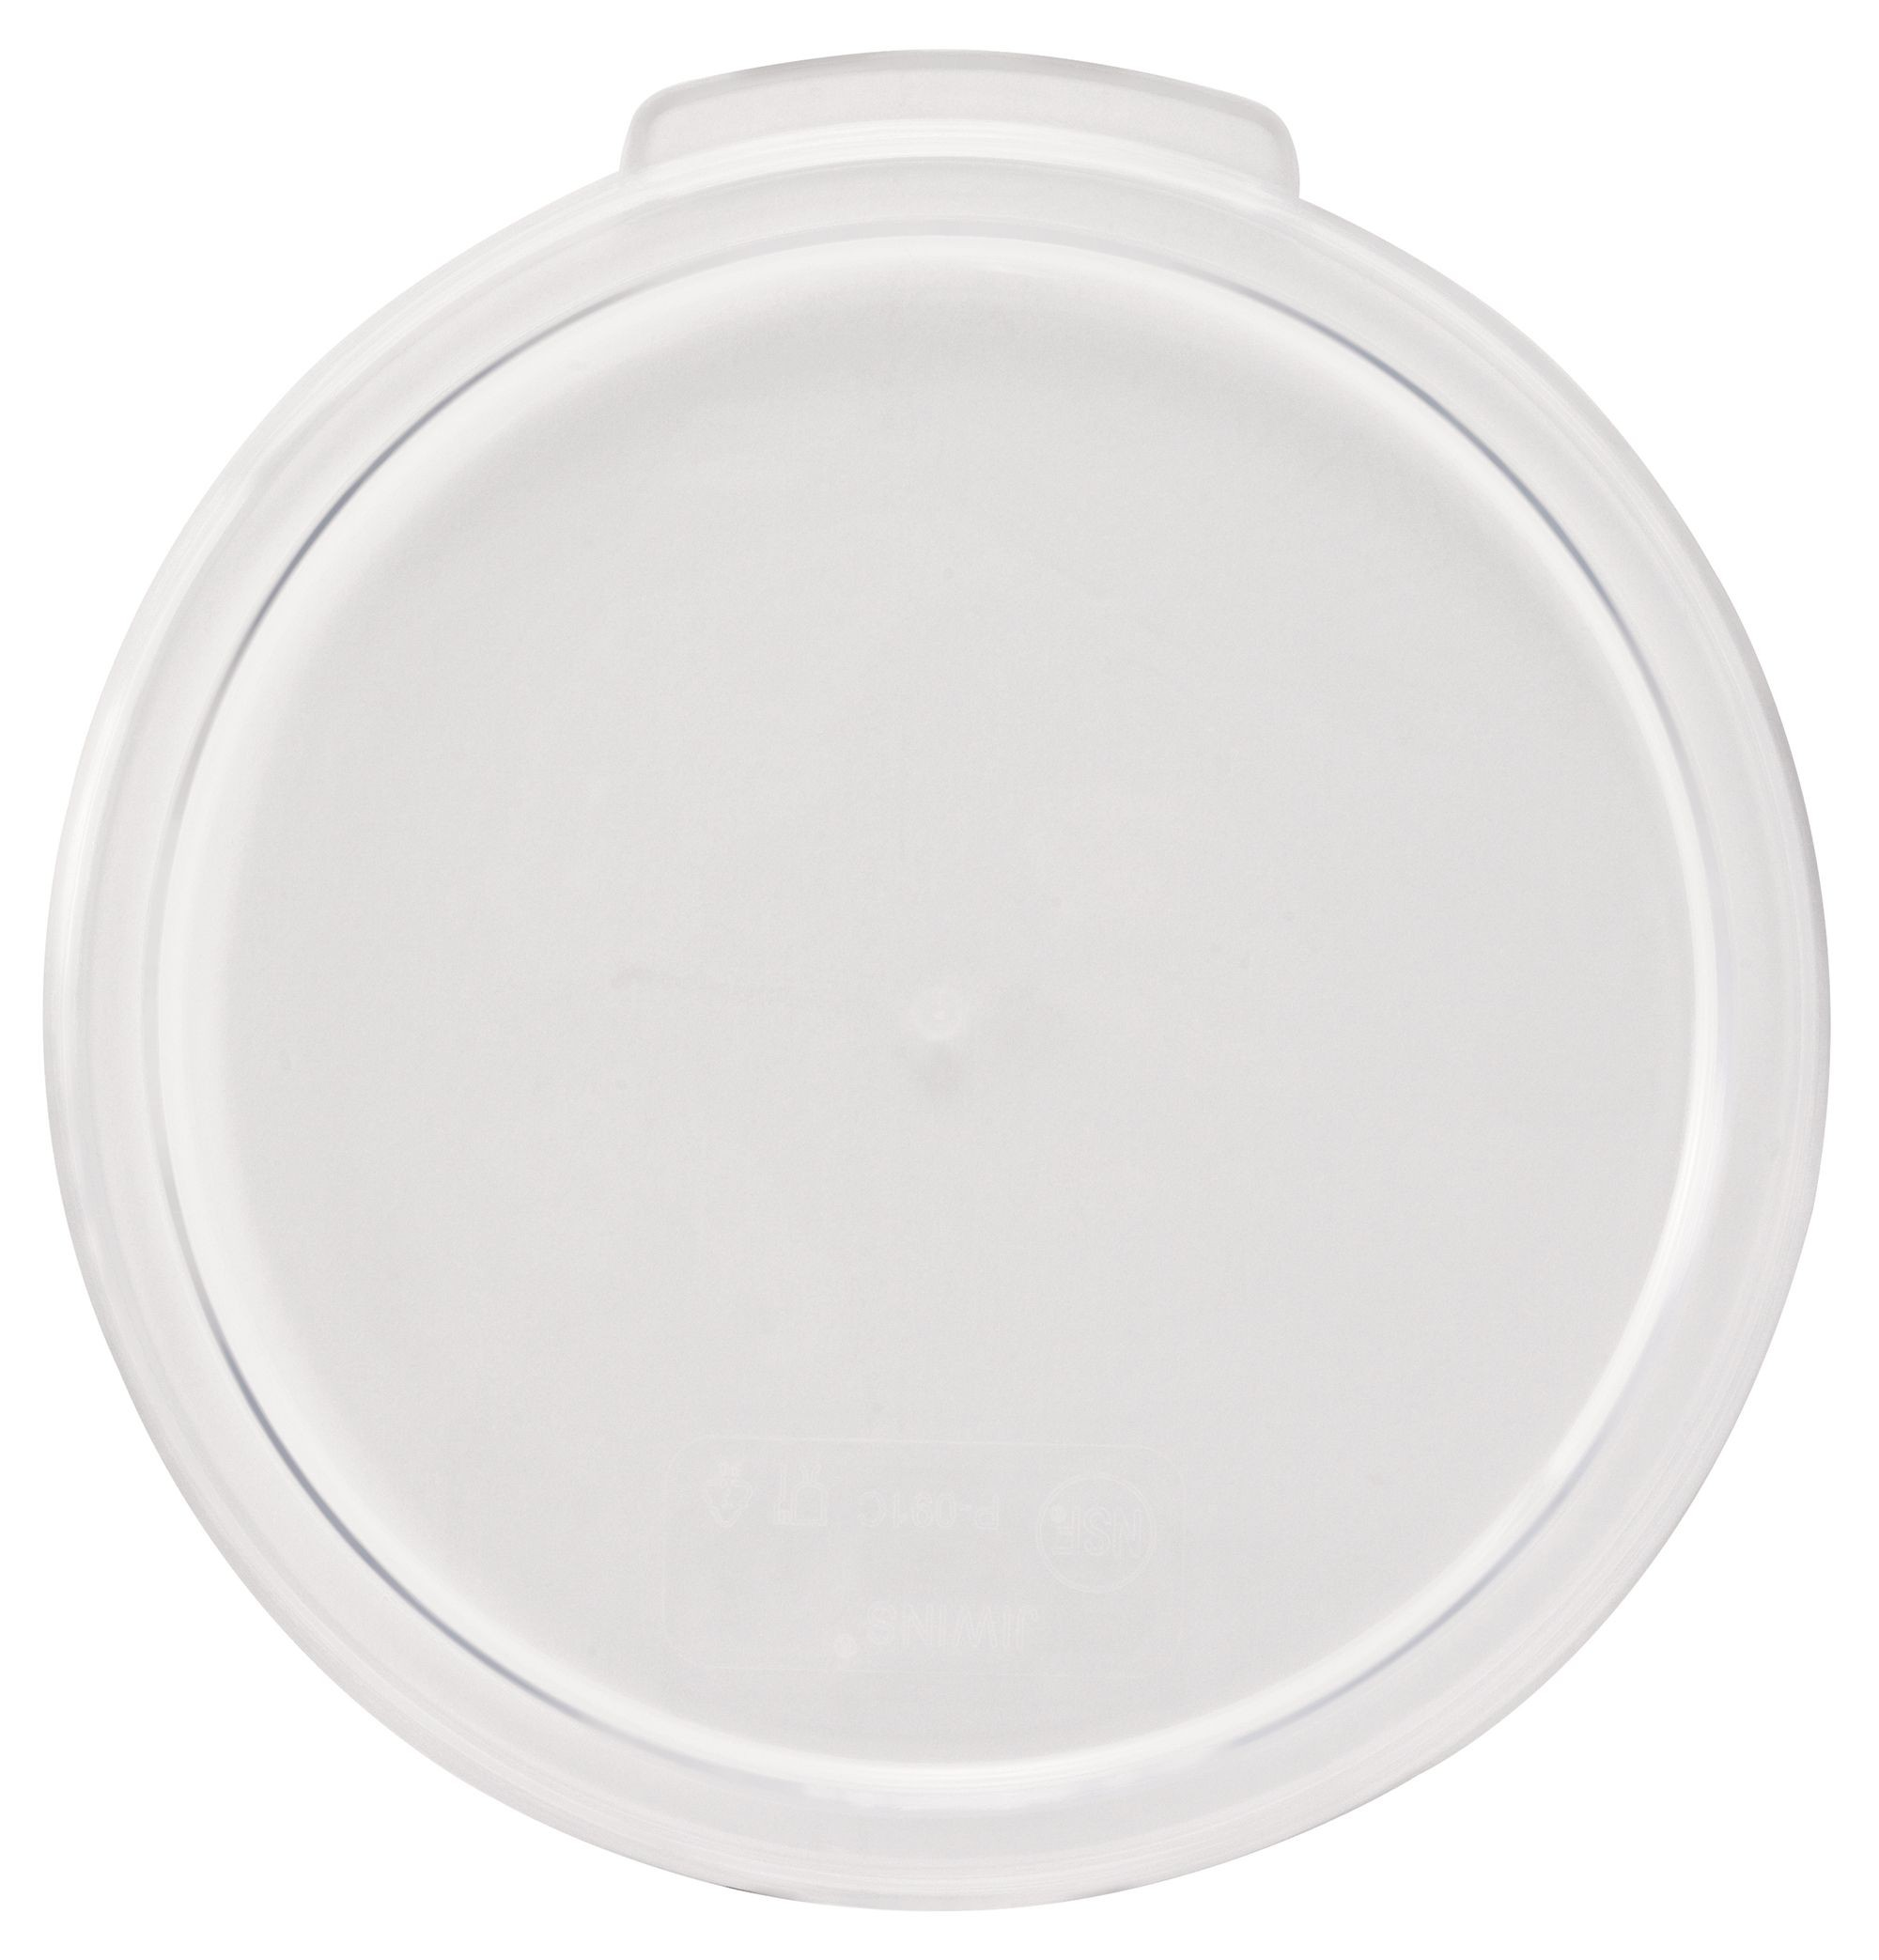 Winco PCRC-1C Round Polycarbonate Cover, Fits 1 Qt.